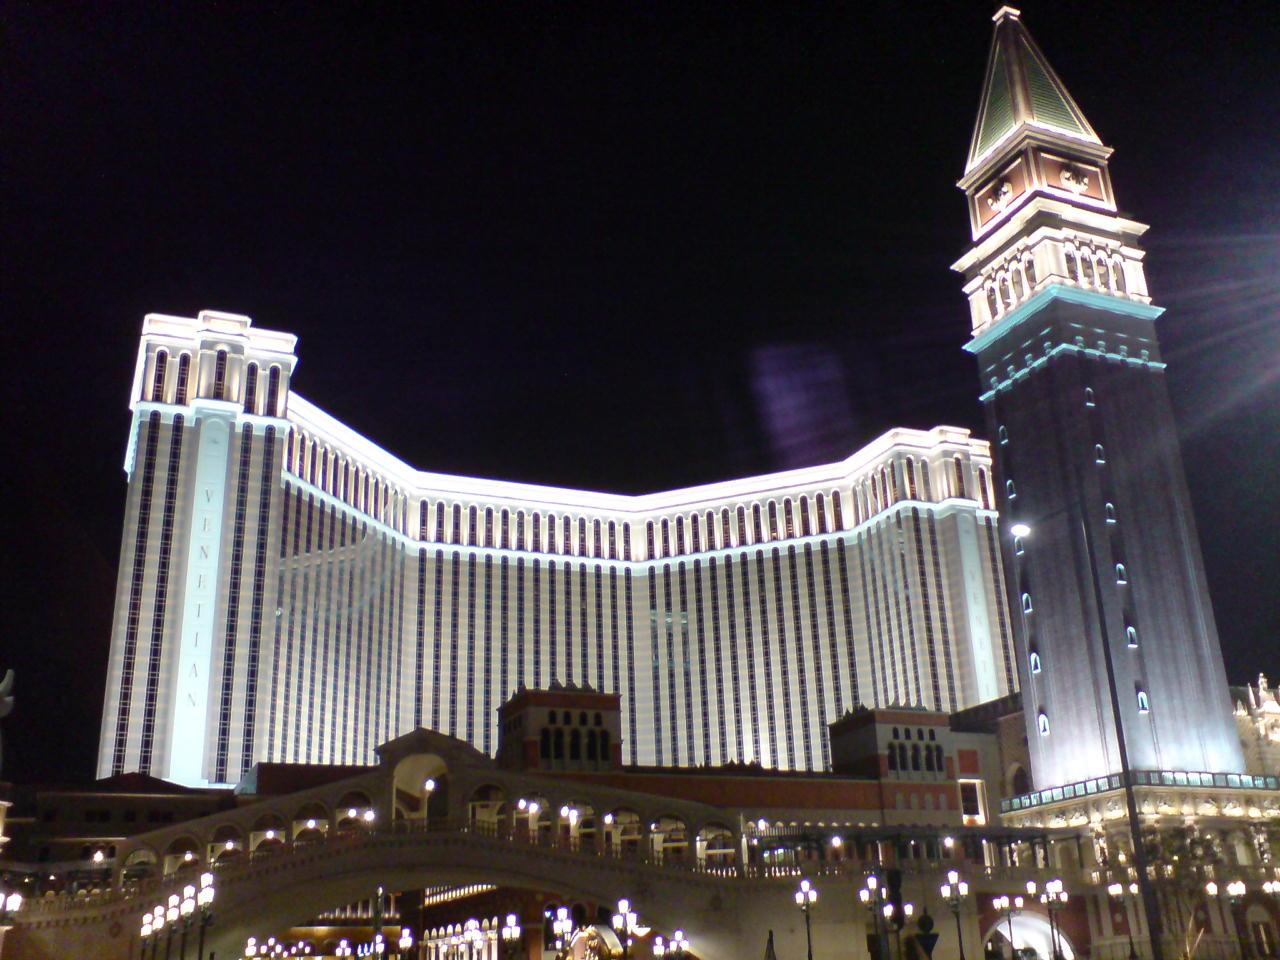 Venesia Hotel Las Vegas